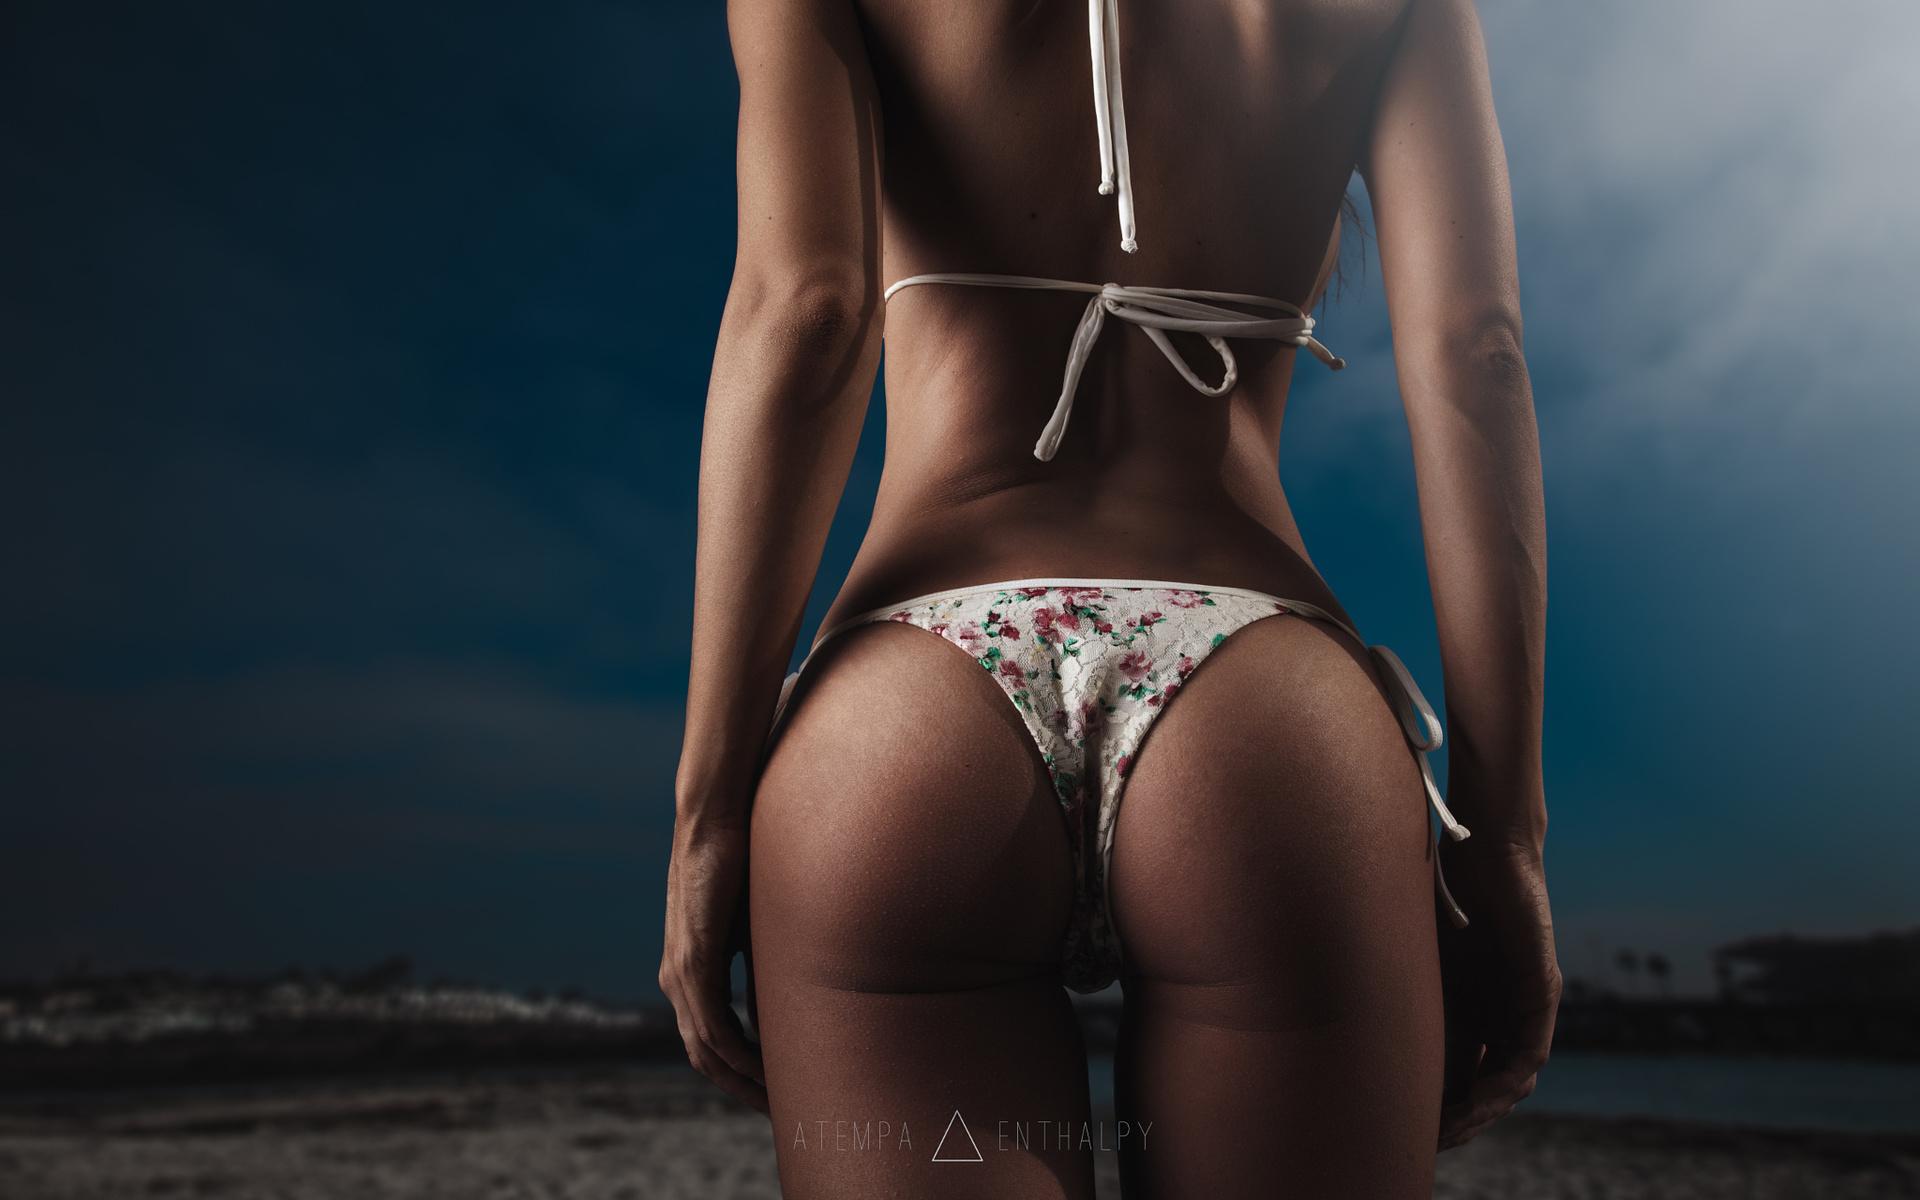 Фото жопи красивые, Попки: порно видео и секс фото попок девушек онлайн 19 фотография